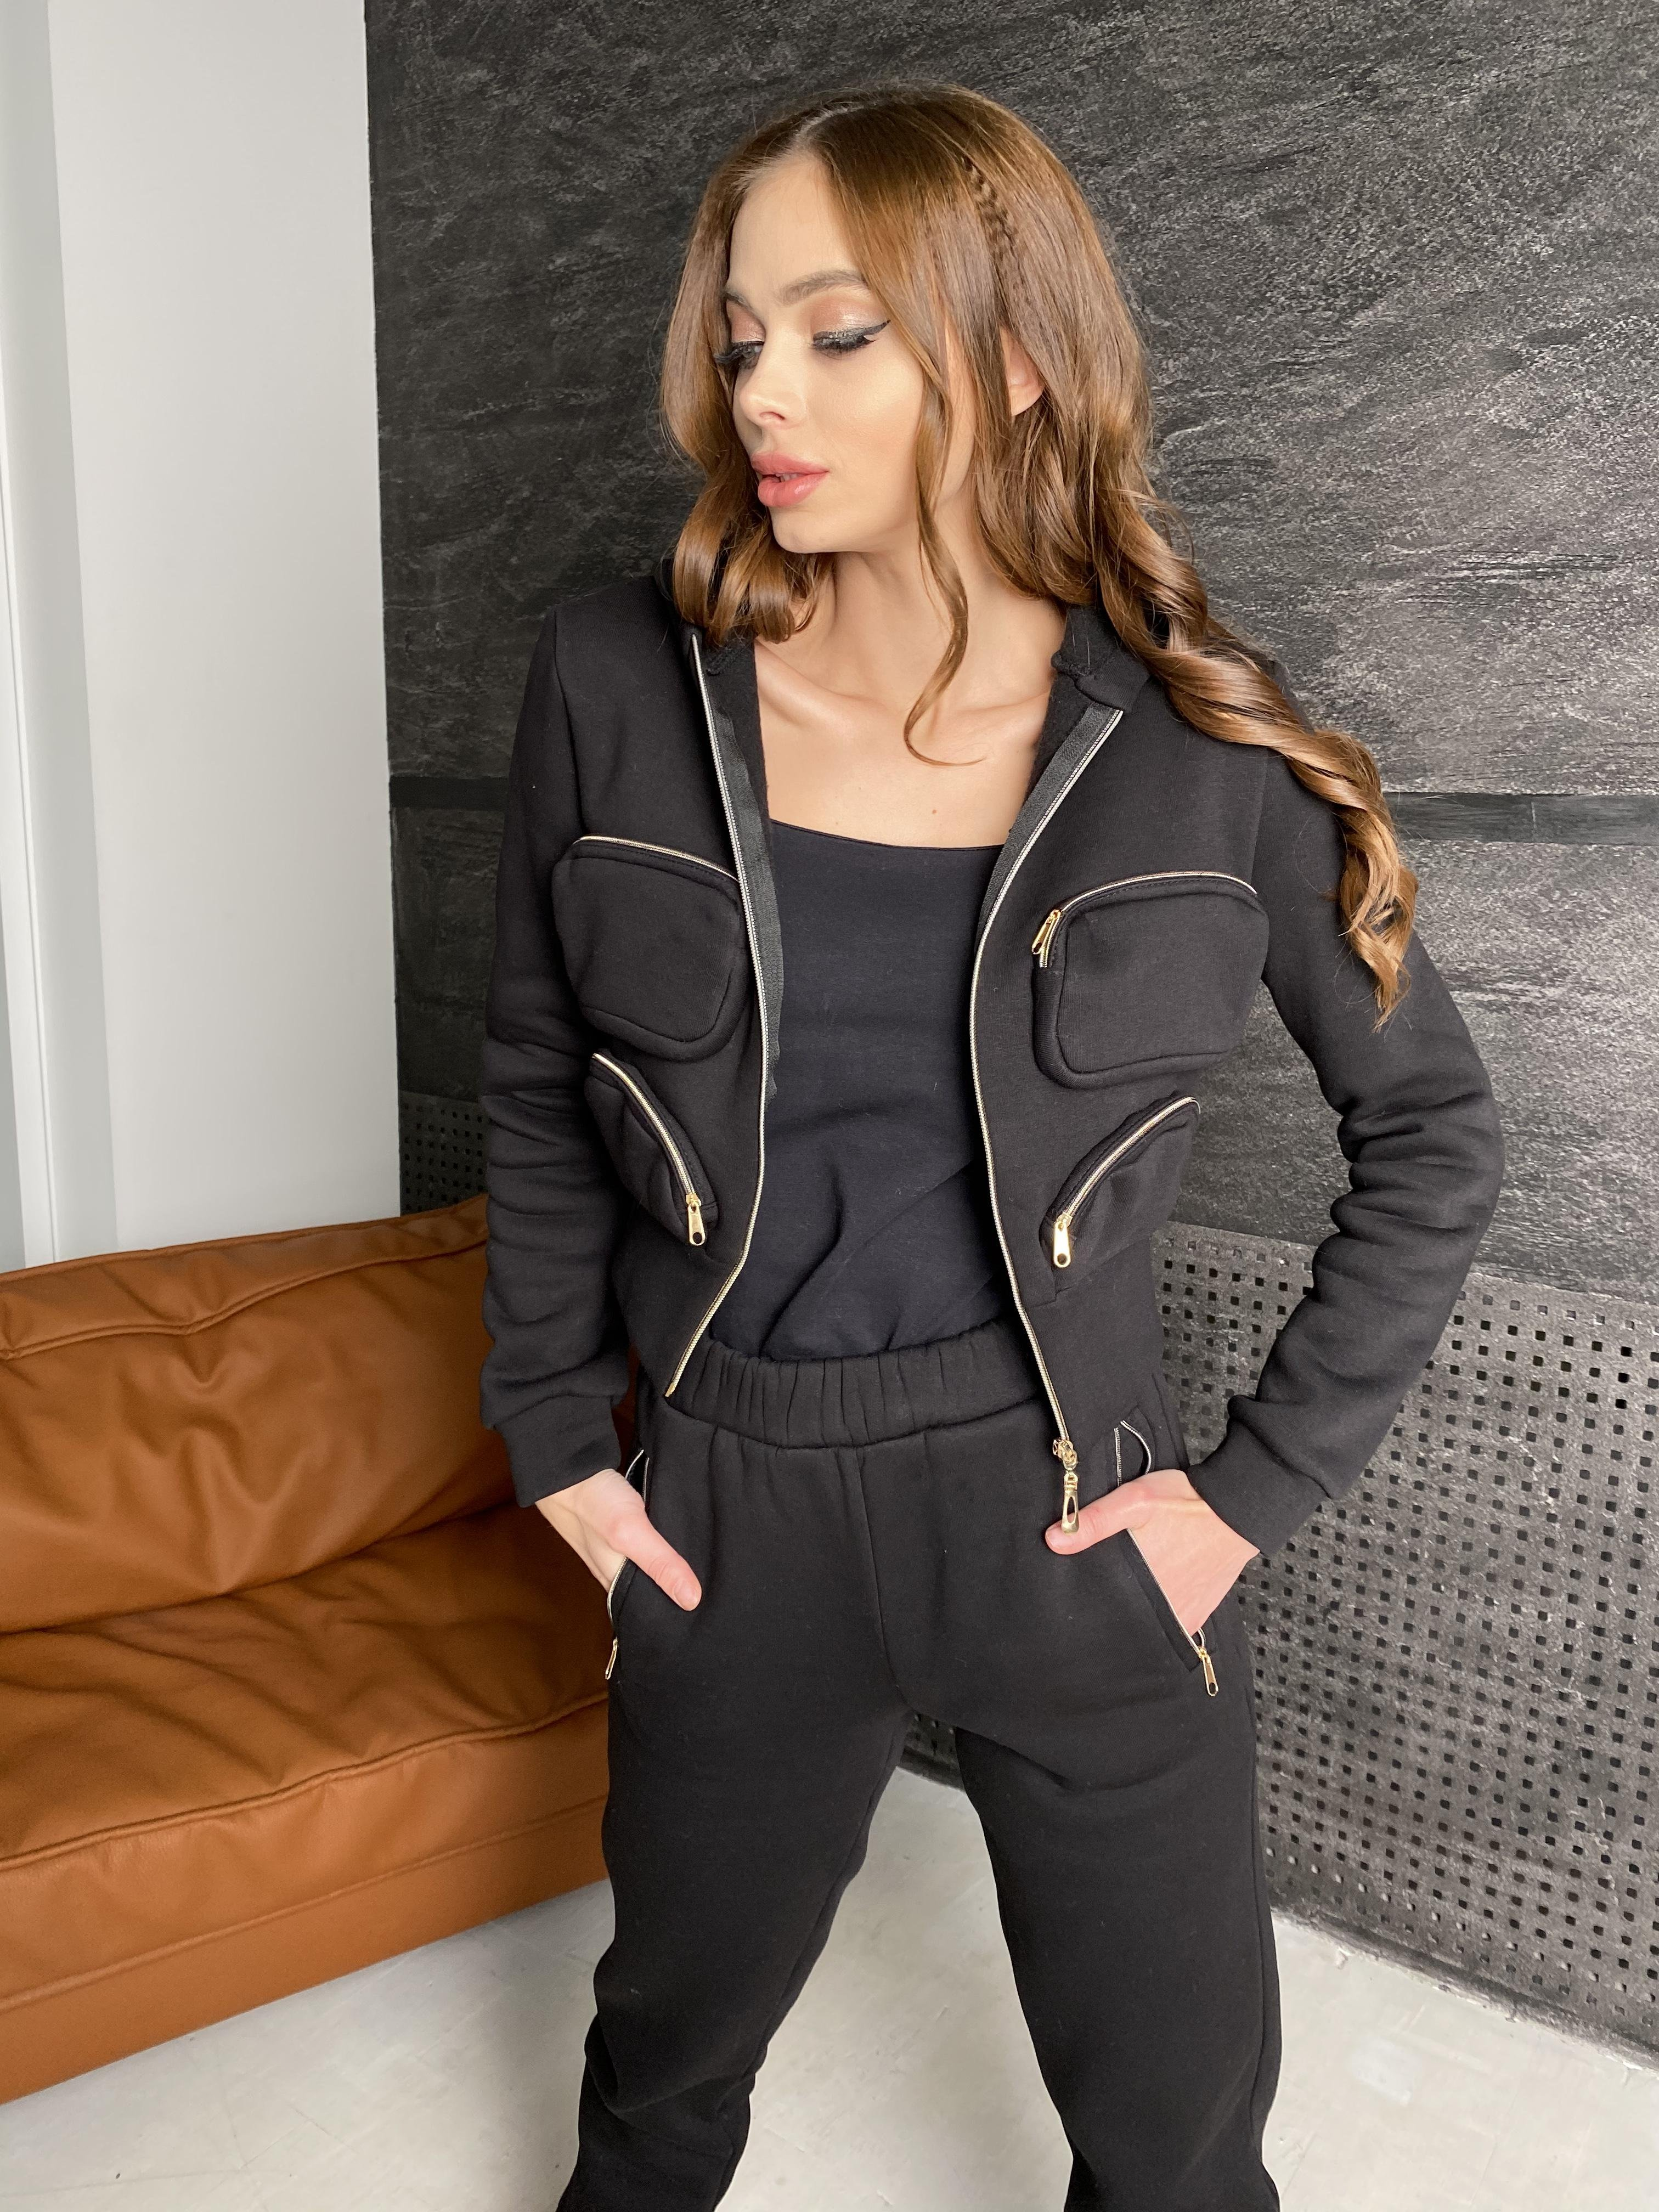 Зохо  костюм  3х нитка с начесом  10031 АРТ. 46323 Цвет: Черный - фото 3, интернет магазин tm-modus.ru